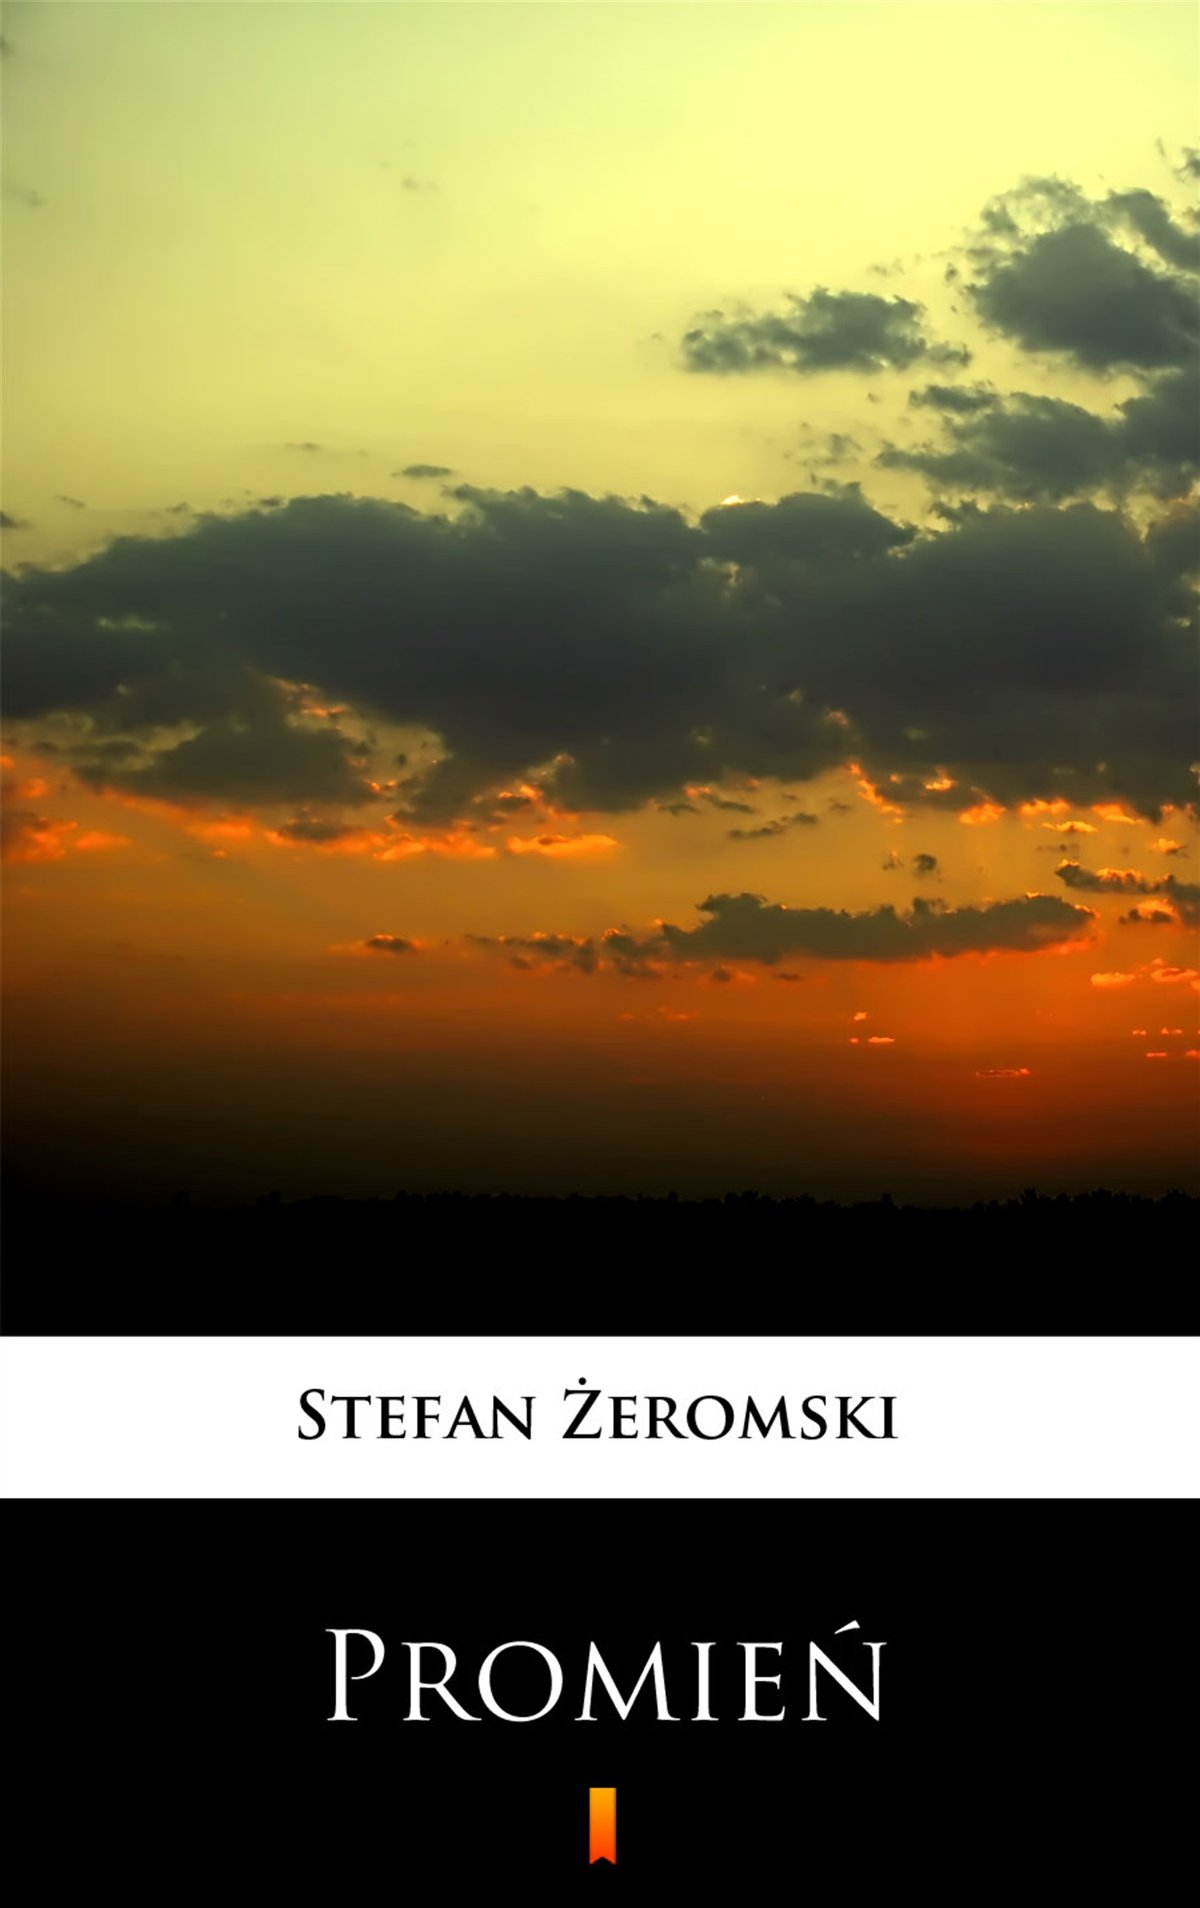 Promień - Ebook (Książka EPUB) do pobrania w formacie EPUB